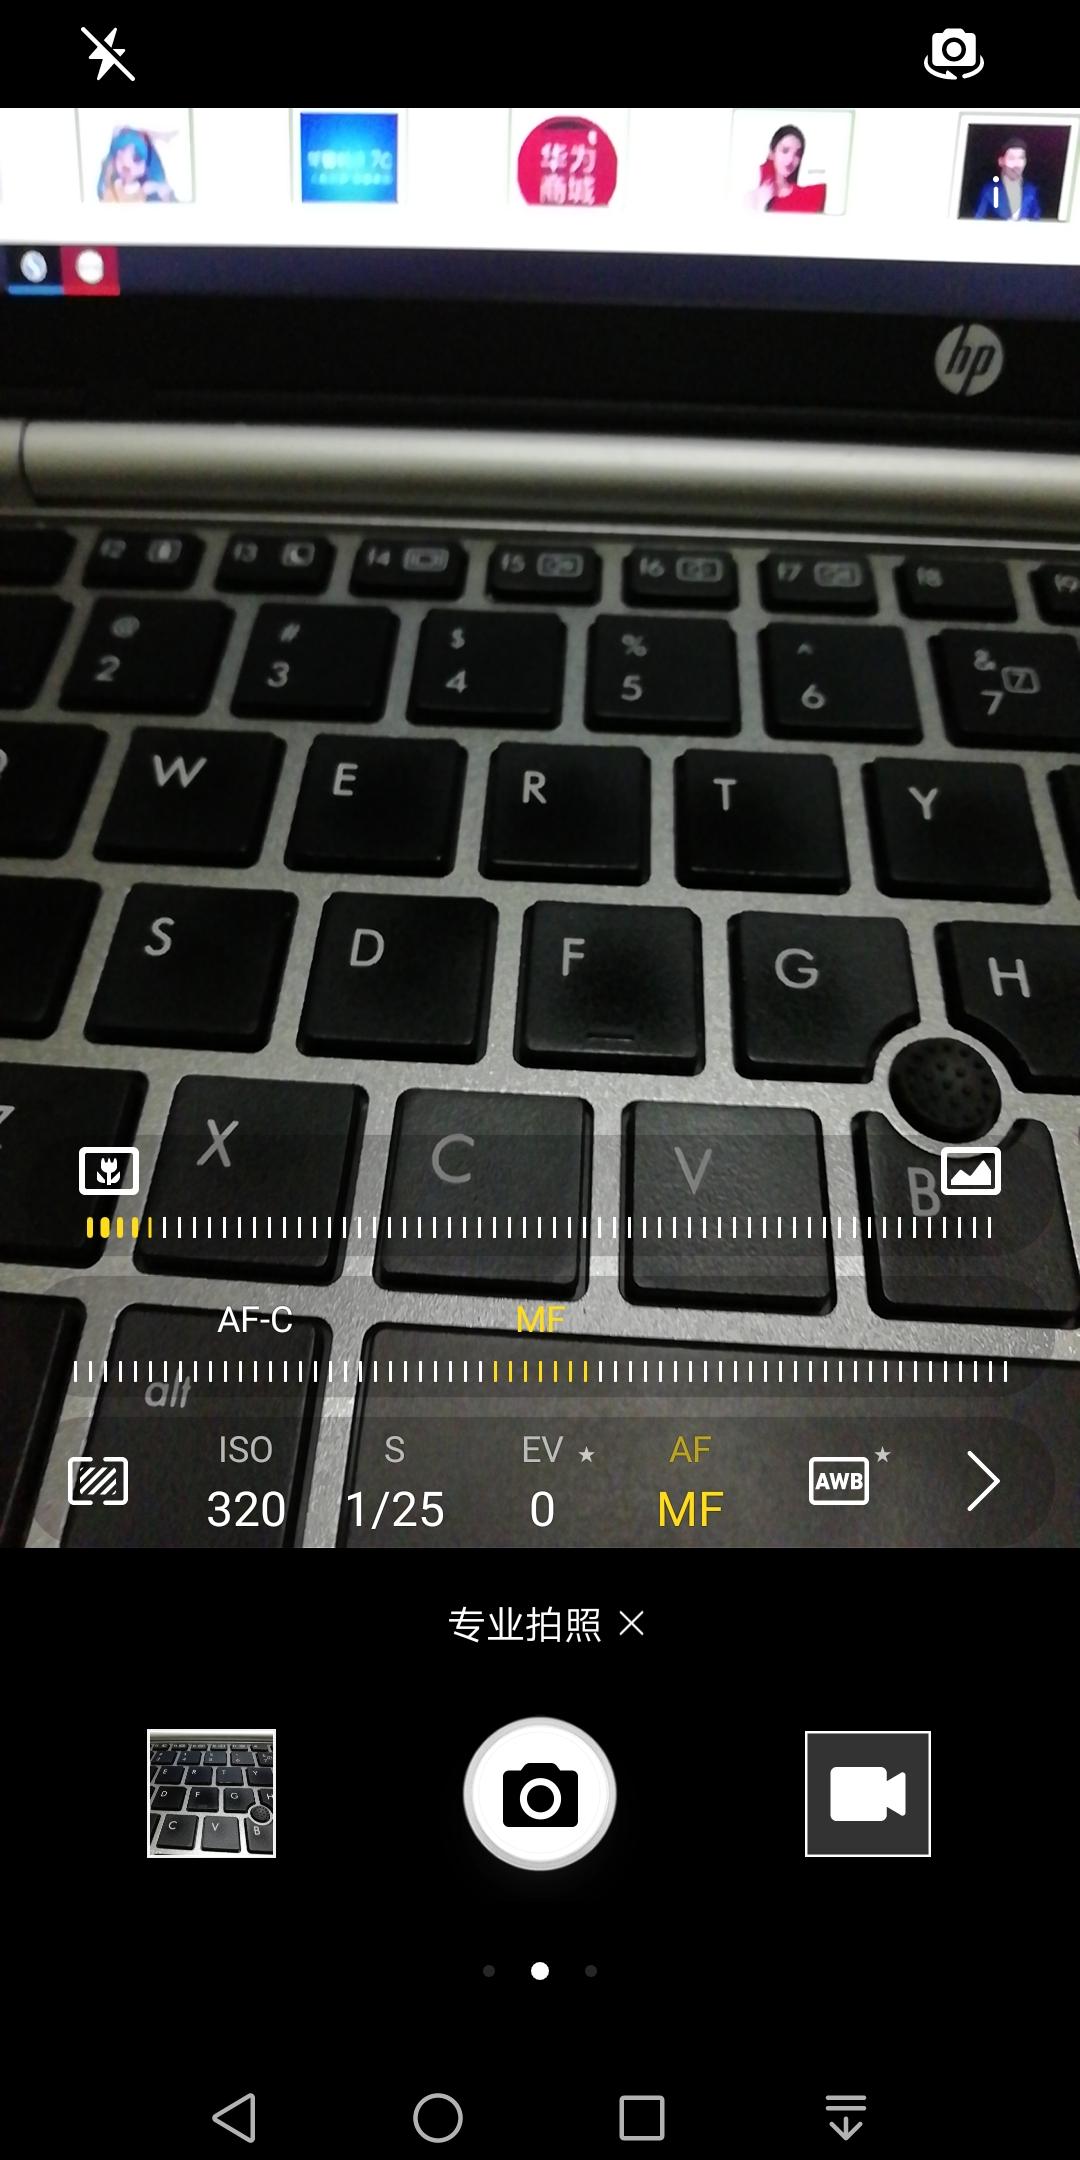 Screenshot_20180311-210102.jpg